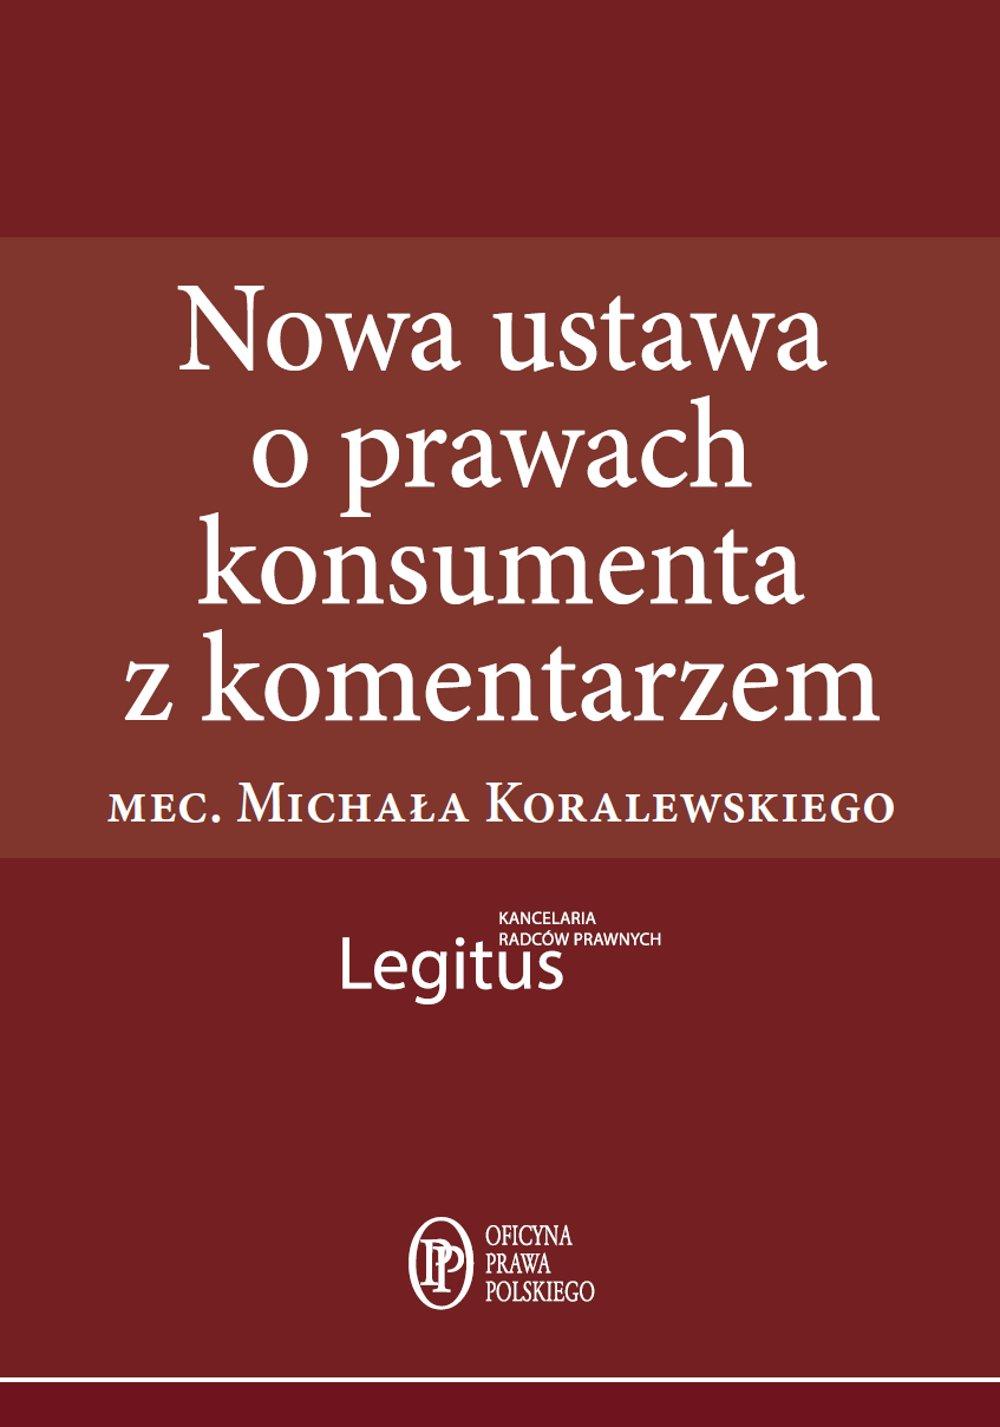 Nowa ustawa o prawach konsumenta z komentarzem - Ebook (Książka EPUB) do pobrania w formacie EPUB